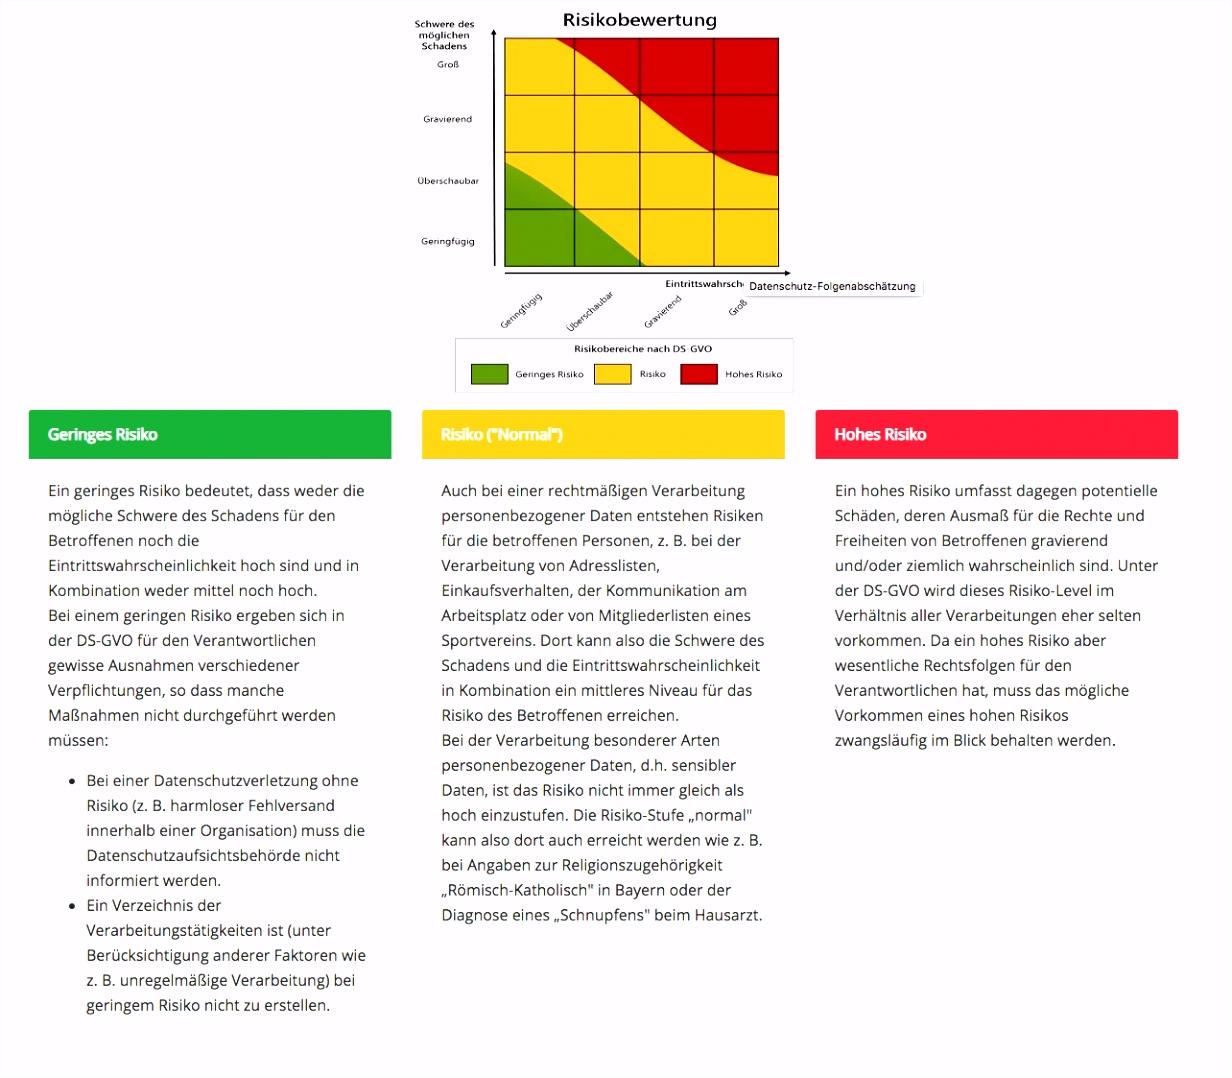 Datenschutz Folgenabschätzung DSFA nach BayLDA – Projekt 29 GmbH